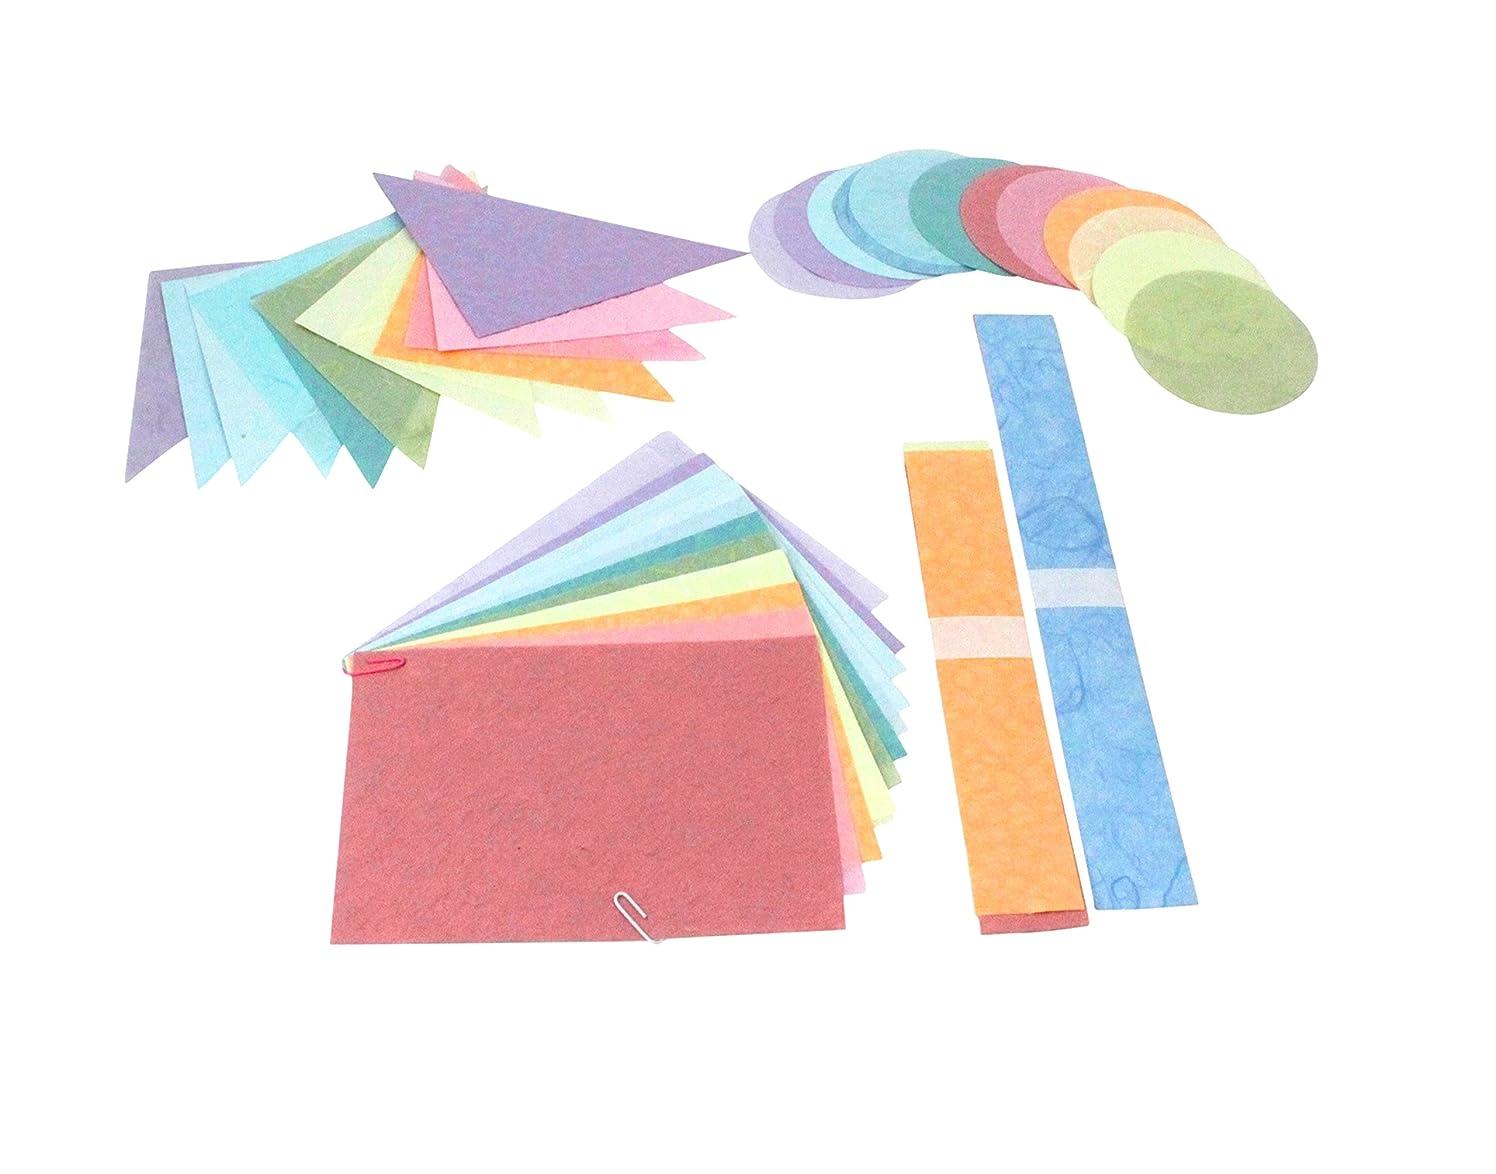 DMD Paperbilities Geometric Shapes, Pastel Colors - 180 pieces